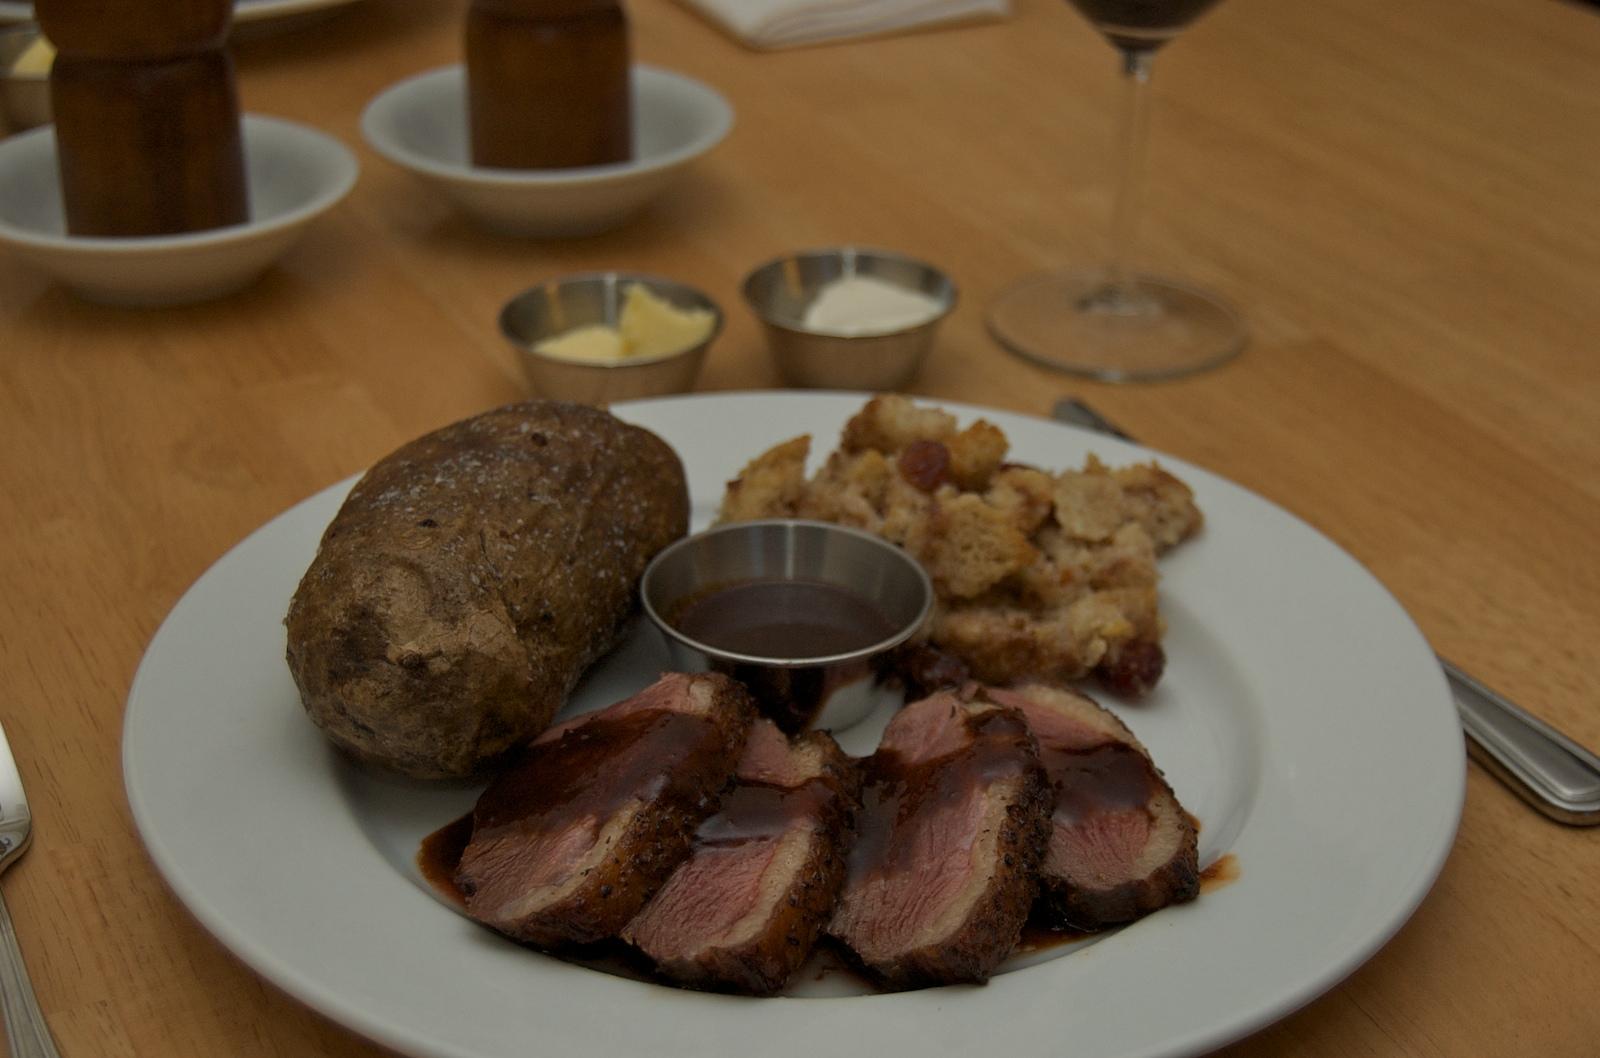 http://blog.rickk.com/food/2009/12/25/duck.jpg